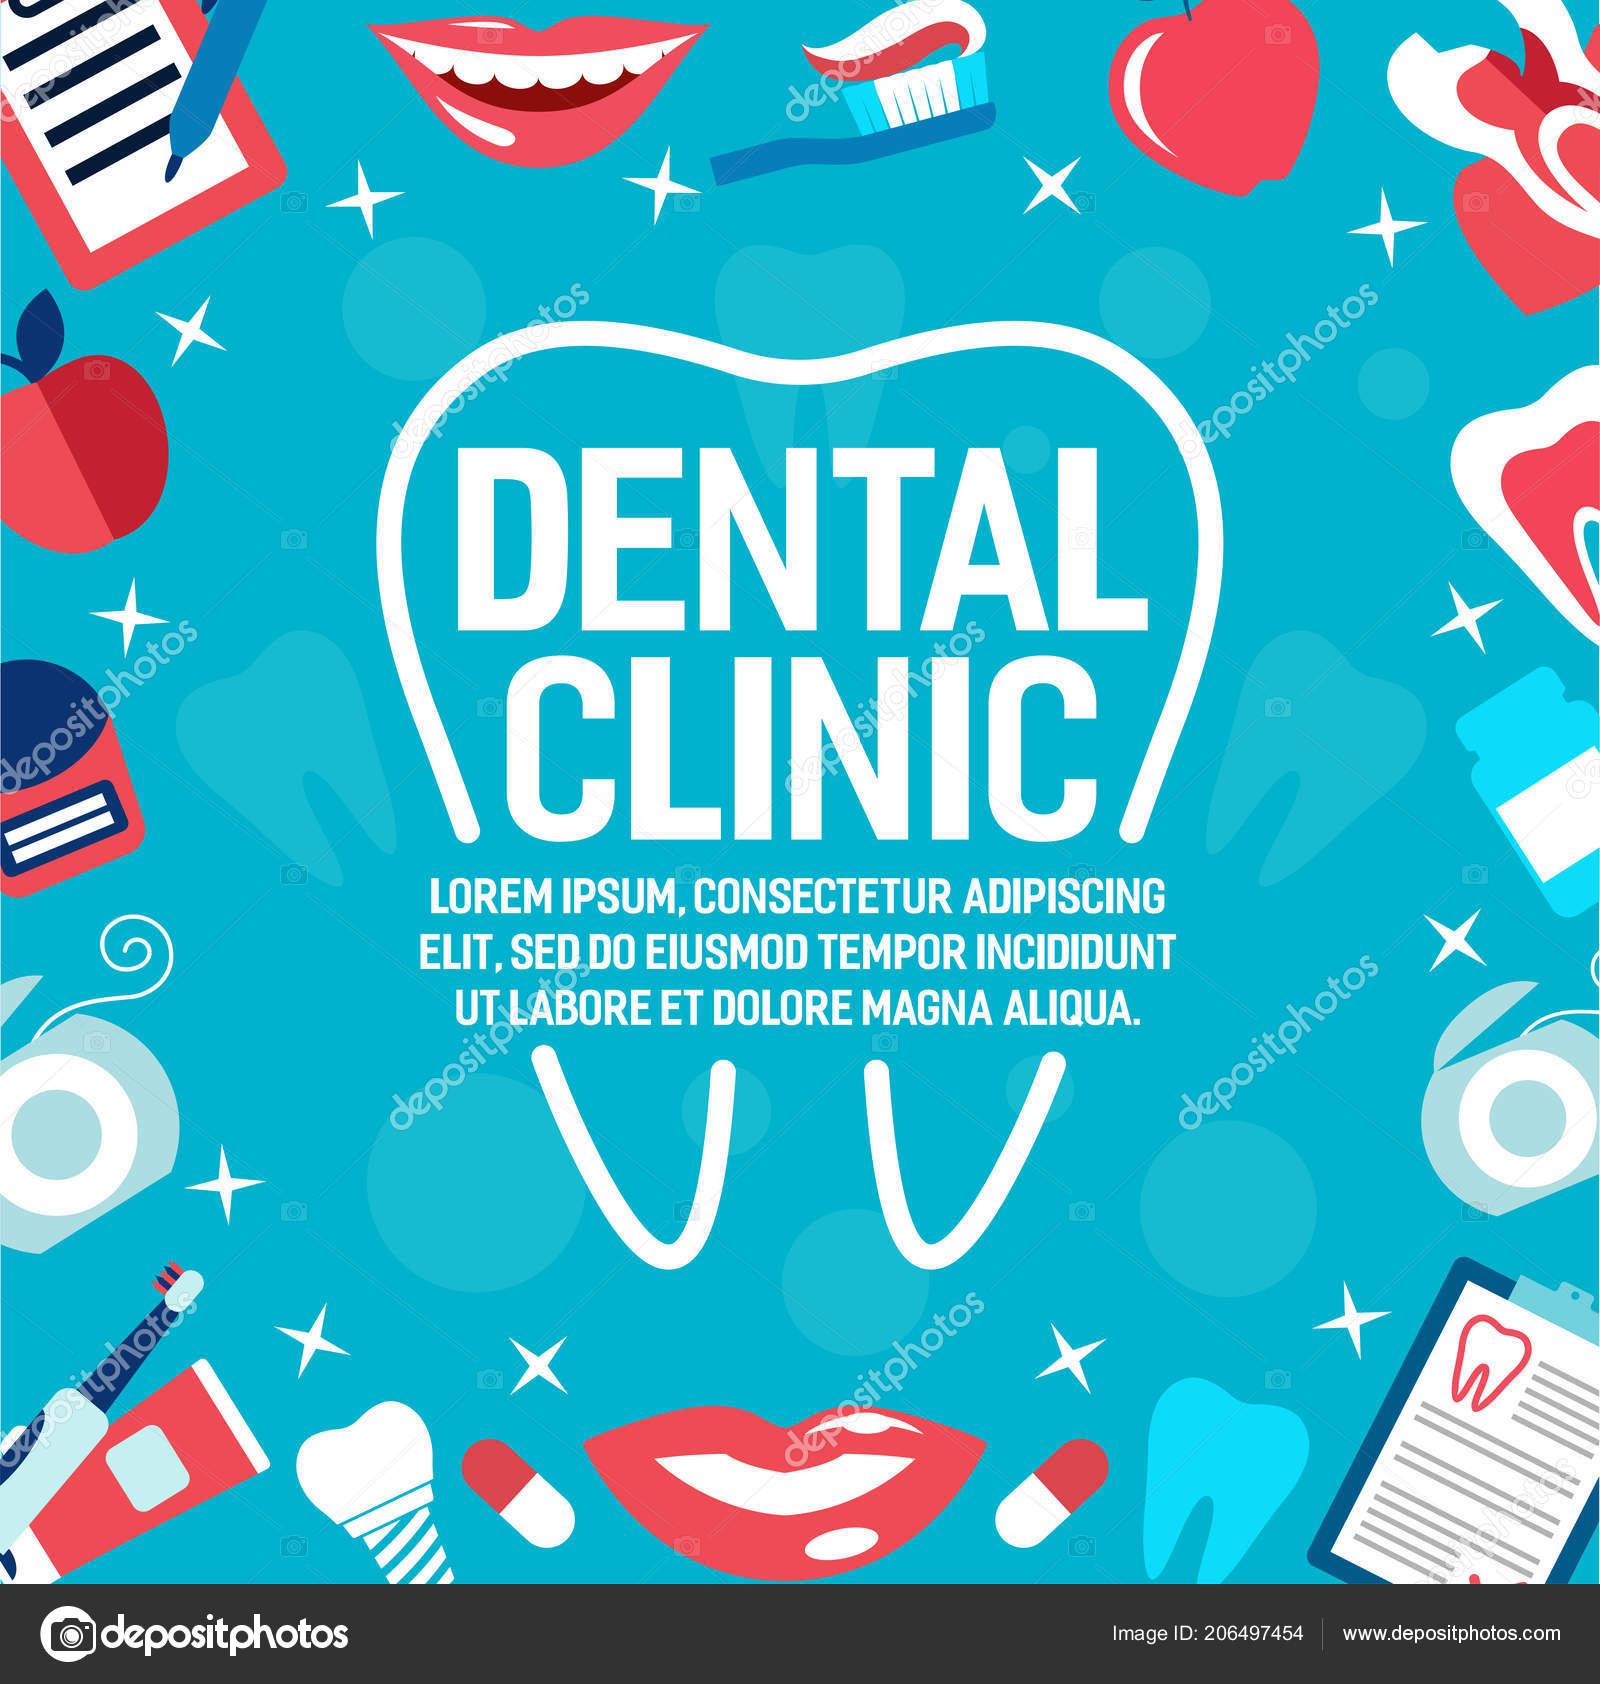 7c618912a Poster de clínica odontológica para odontologia medicina ou saúde dental.  Desenho vetorial de tratamentos de dentista e ortodontia ferramentas médicas